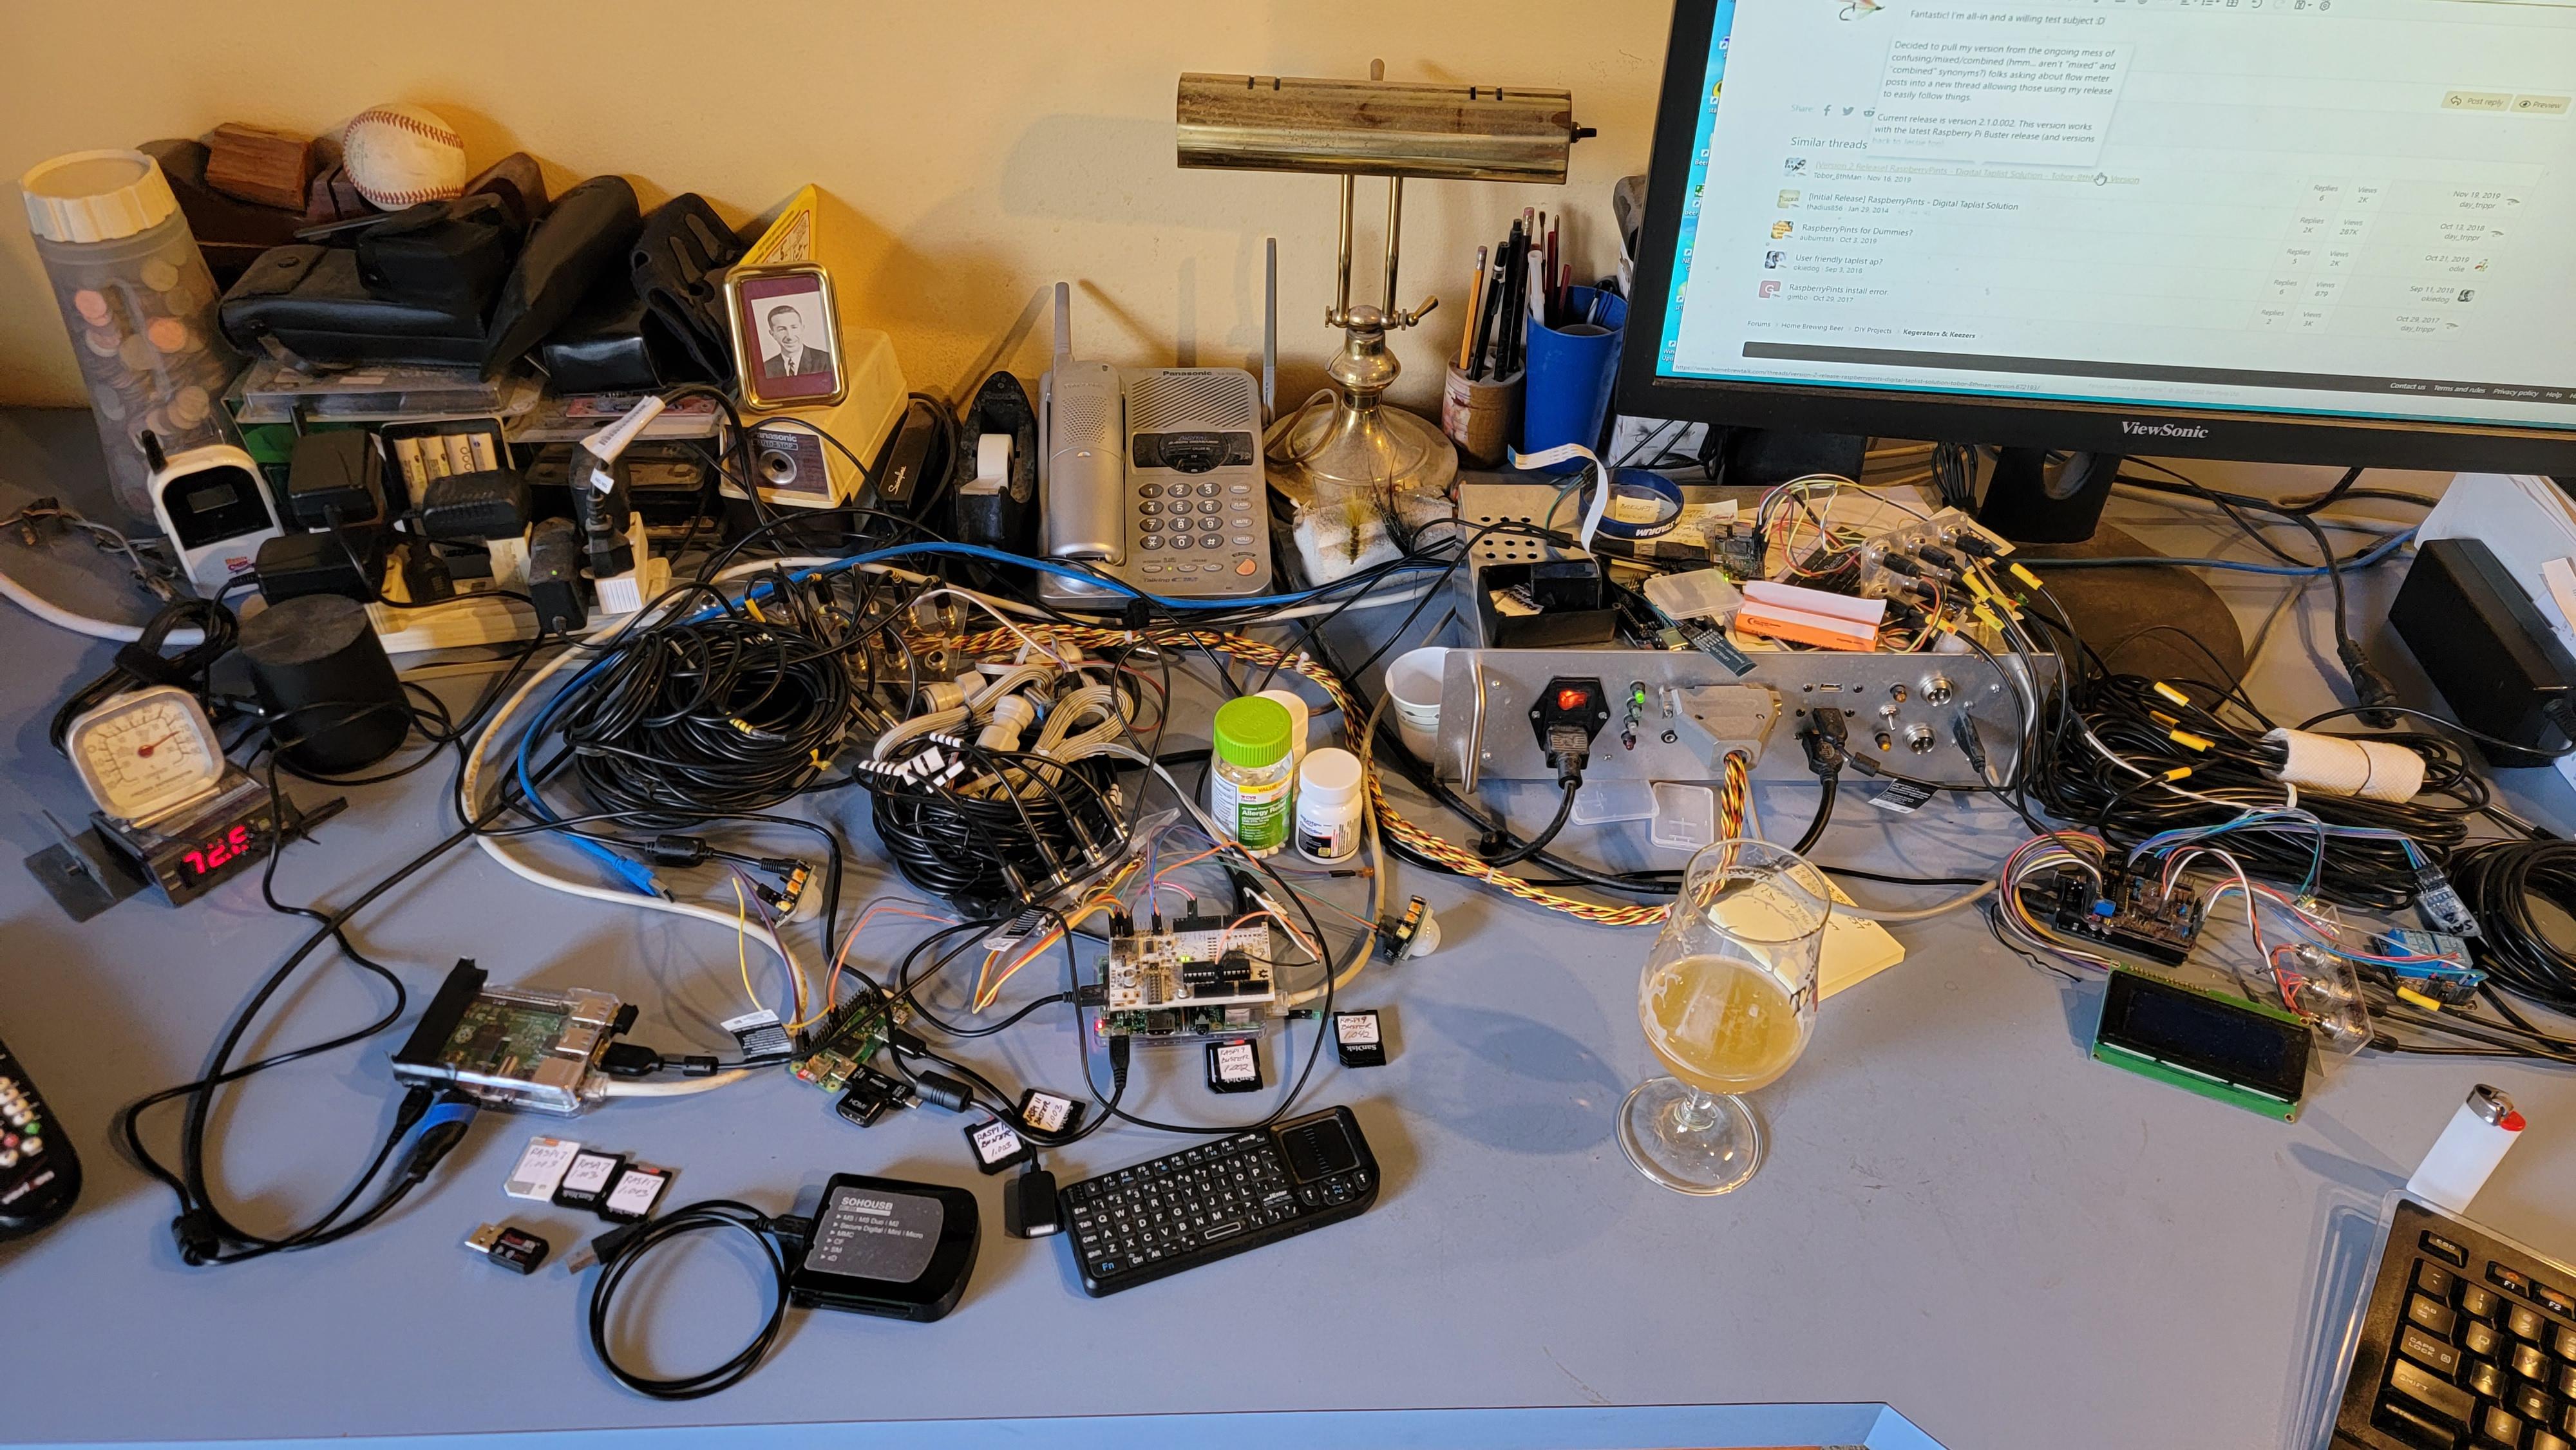 hardware_menagerie.jpg